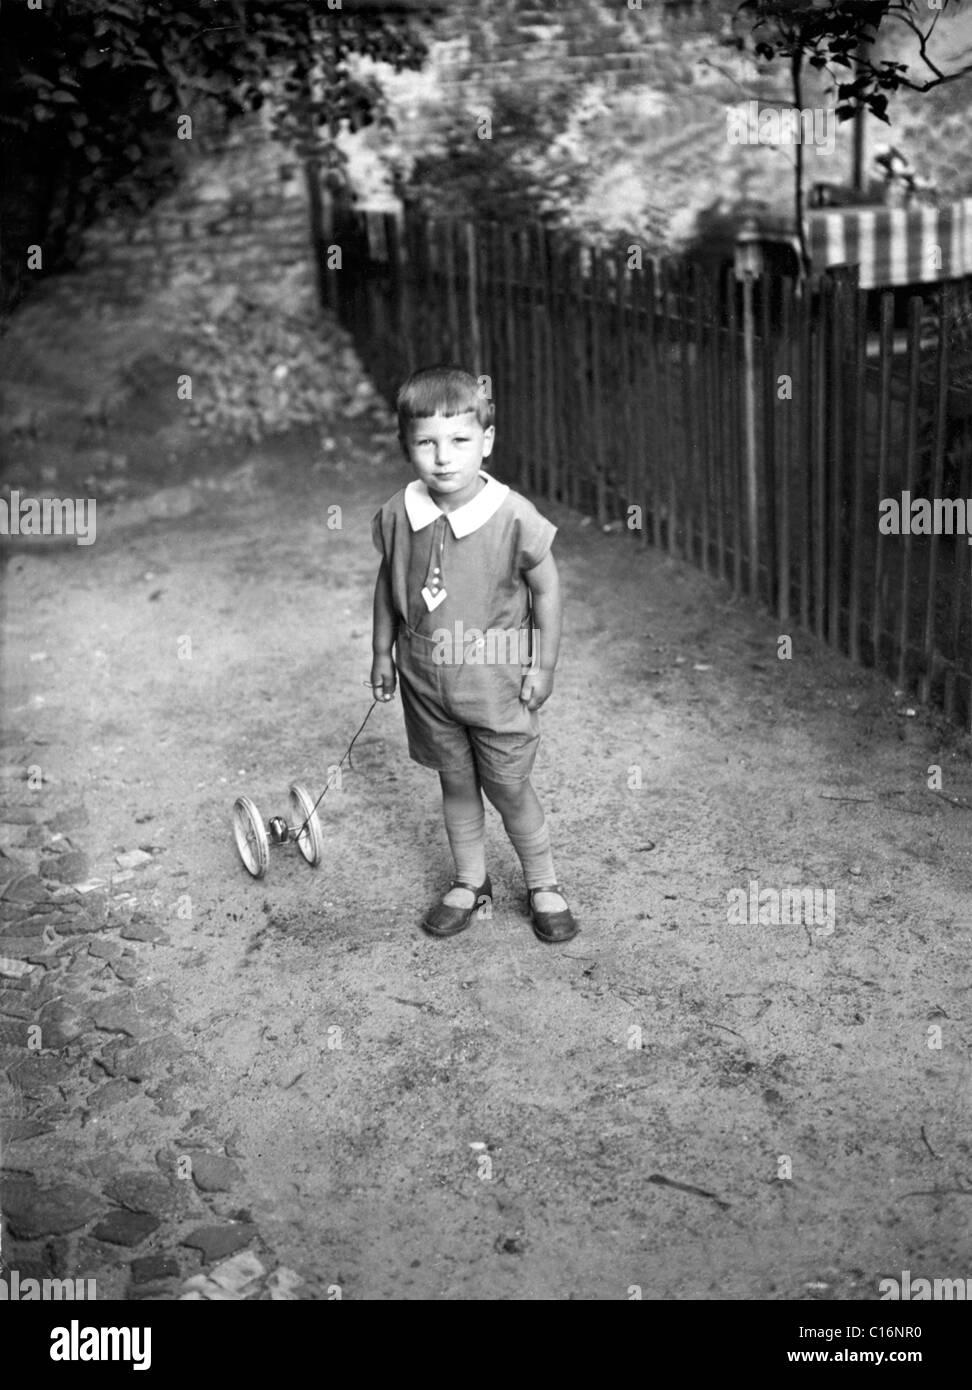 Historisches Foto, Kind mit Spielzeug, 30er Jahre Stockbild